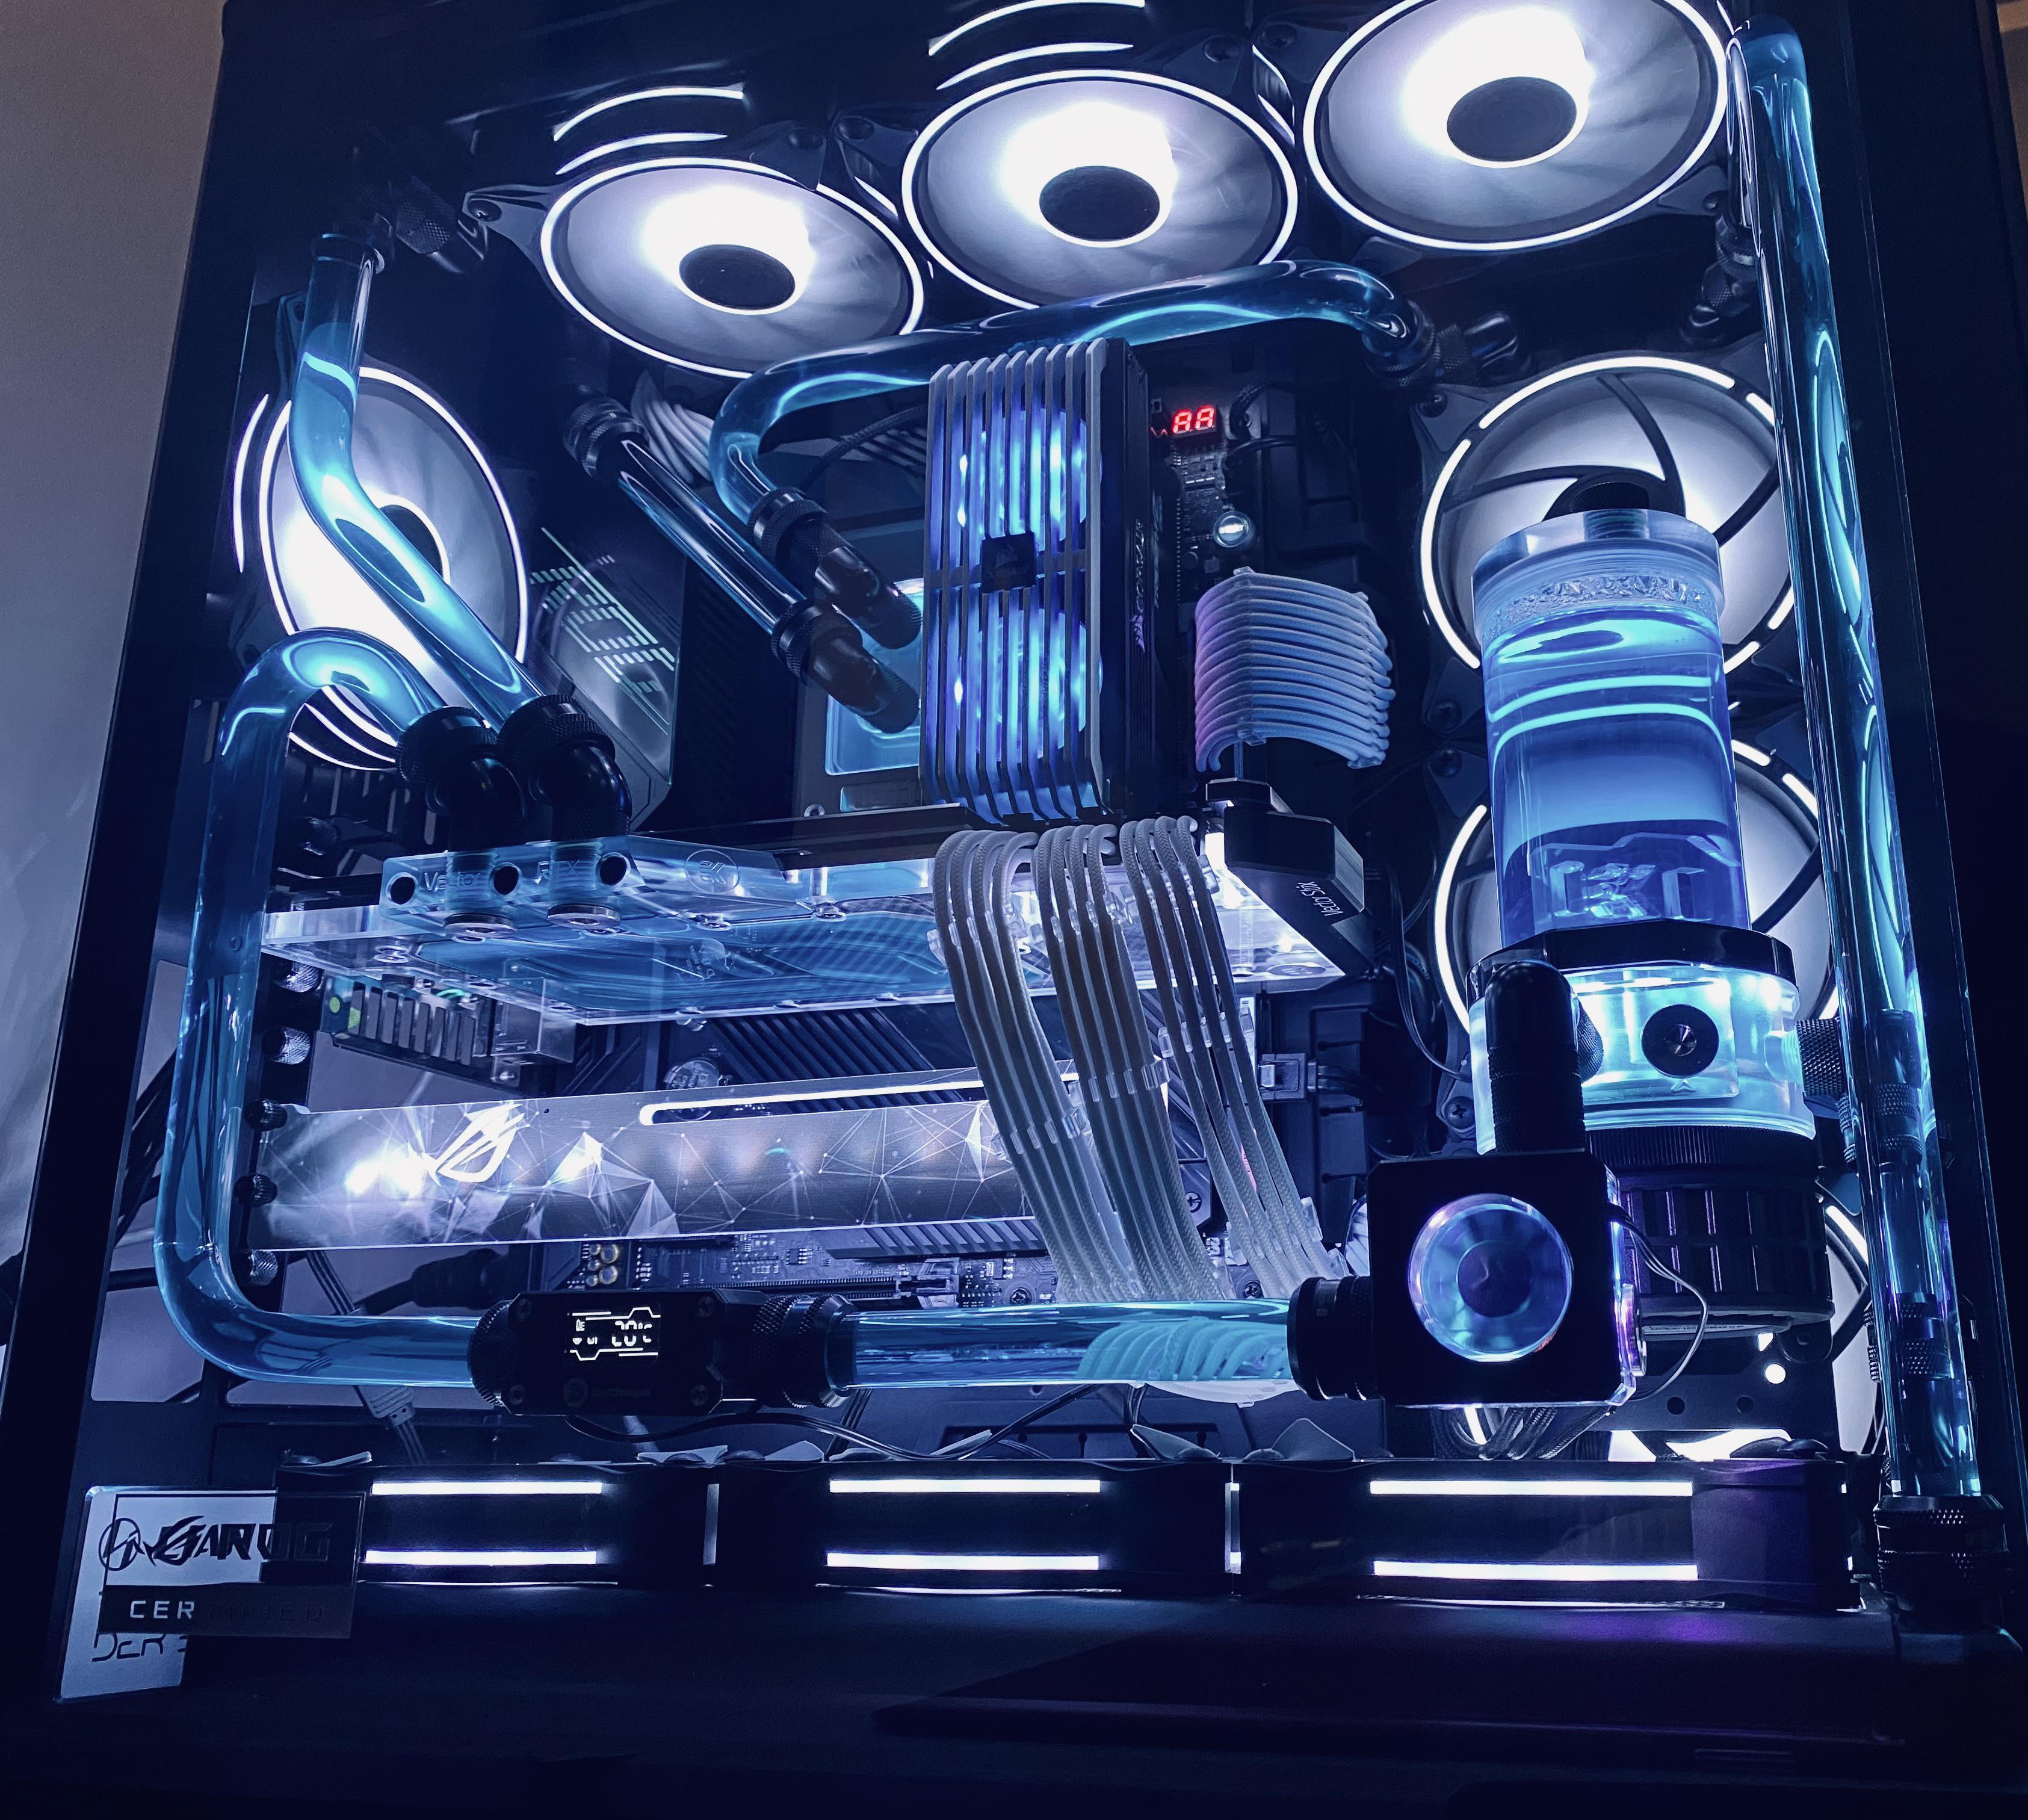 Посмотрите на эти крутые PC и пошлите скупщиков видеокарт еще дальше